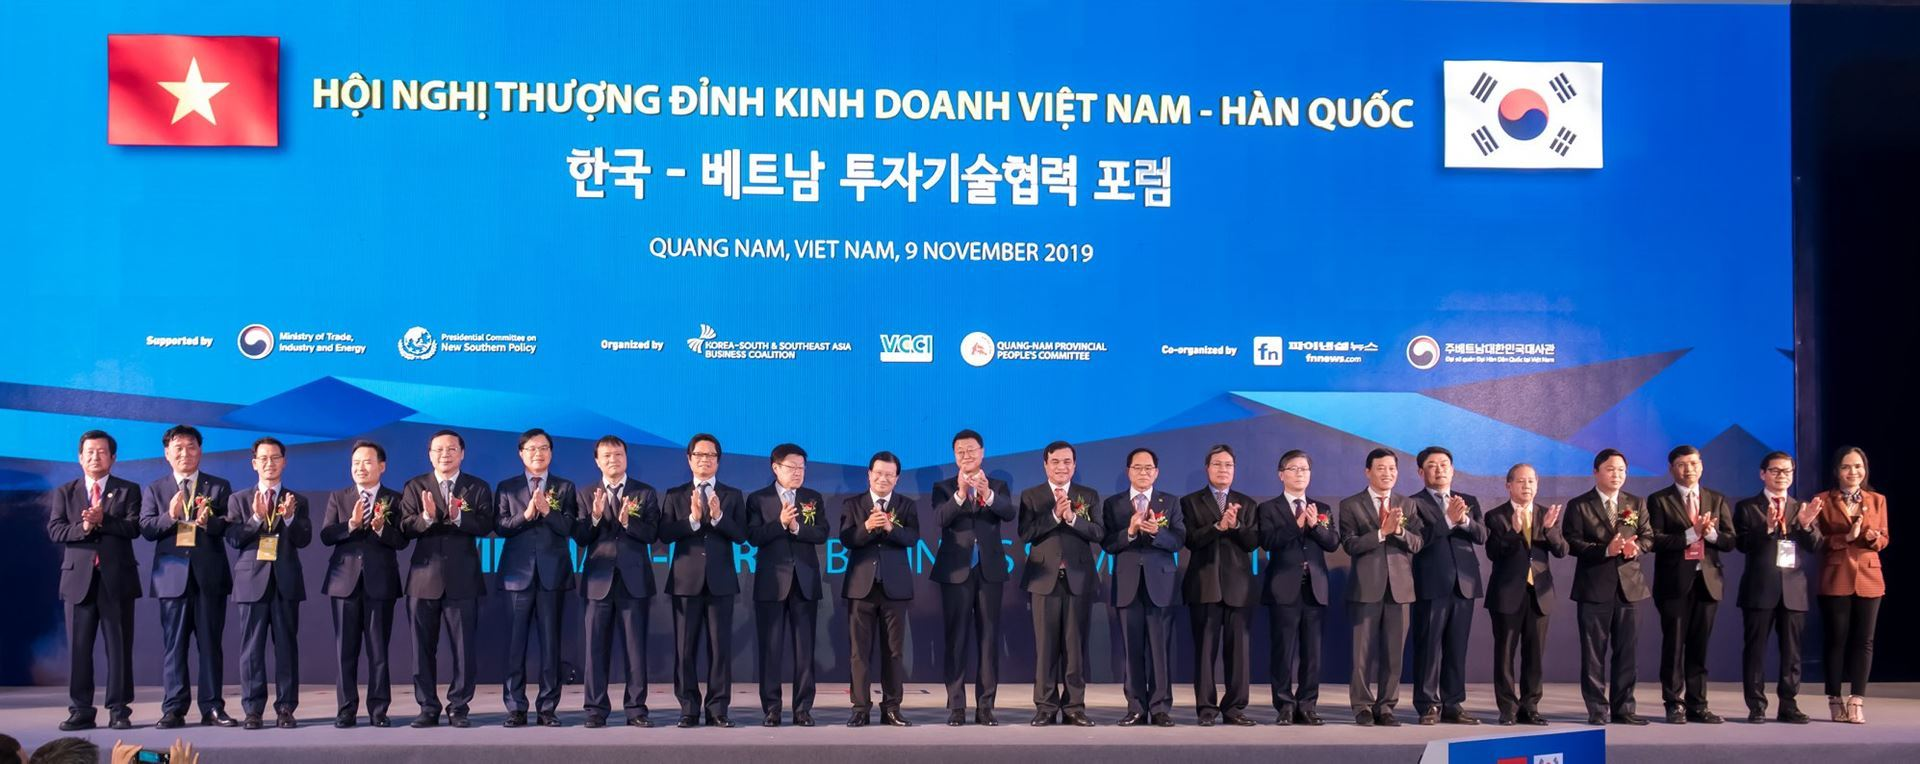 BPO.MP THAM DỰ HỘI NGHỊ THƯỢNG ĐỈNH KINH DOANH VIỆT NAM – HÀN QUỐC 2019 TẠI QUẢNG NAM